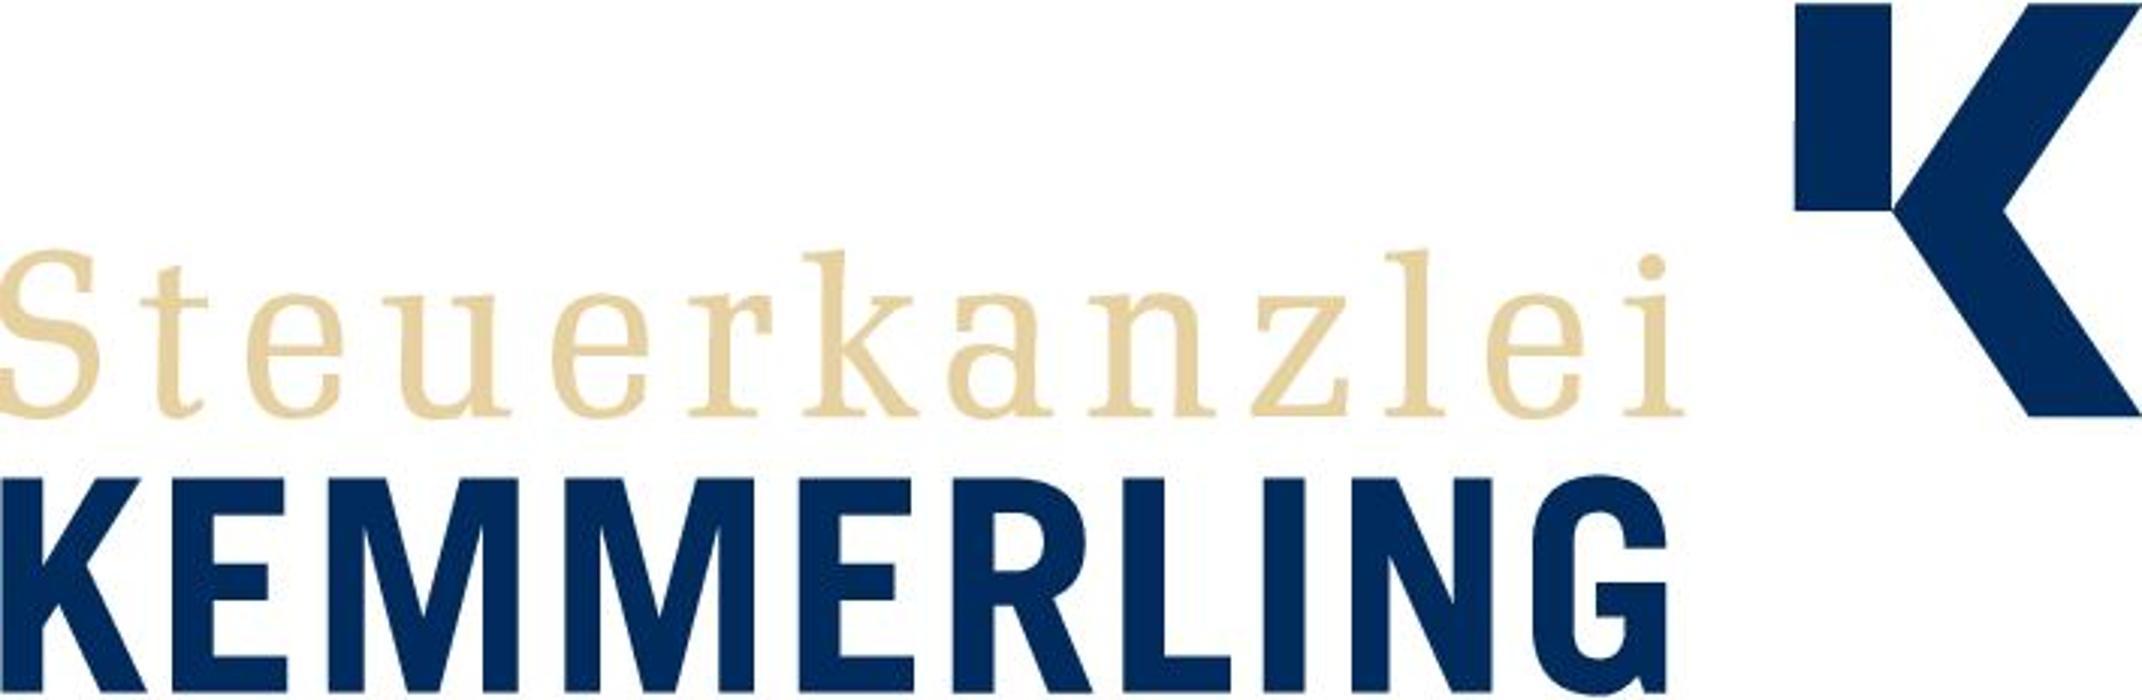 Bild zu Steuerkanzlei Kemmerling, Christoph Kemmerling Steuerberater in Augsburg